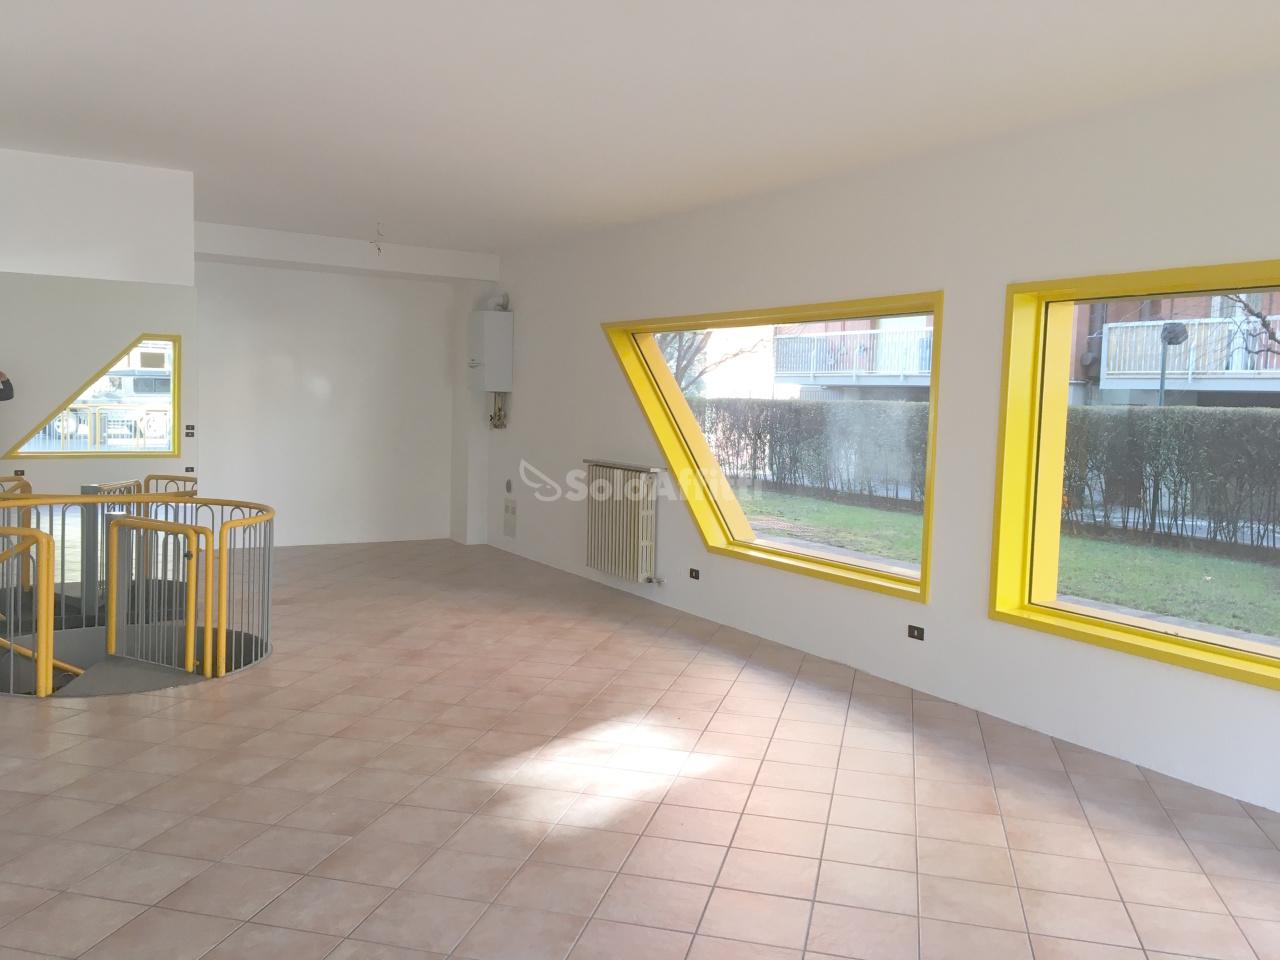 Negozio / Locale in affitto a Almè, 1 locali, prezzo € 750 | PortaleAgenzieImmobiliari.it